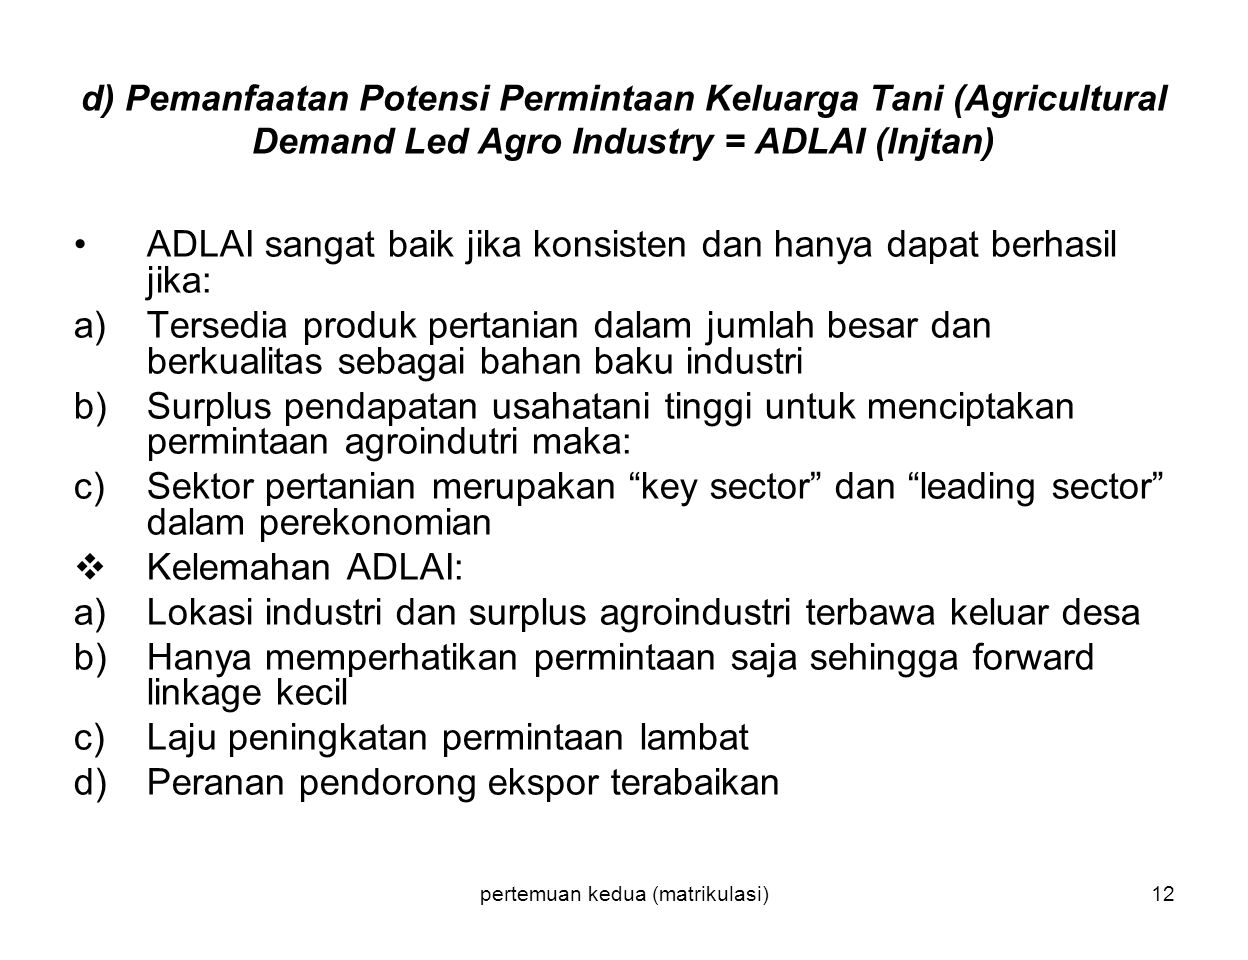 pertemuan kedua (matrikulasi)12 d) Pemanfaatan Potensi Permintaan Keluarga Tani (Agricultural Demand Led Agro Industry = ADLAI (lnjtan) ADLAI sangat b